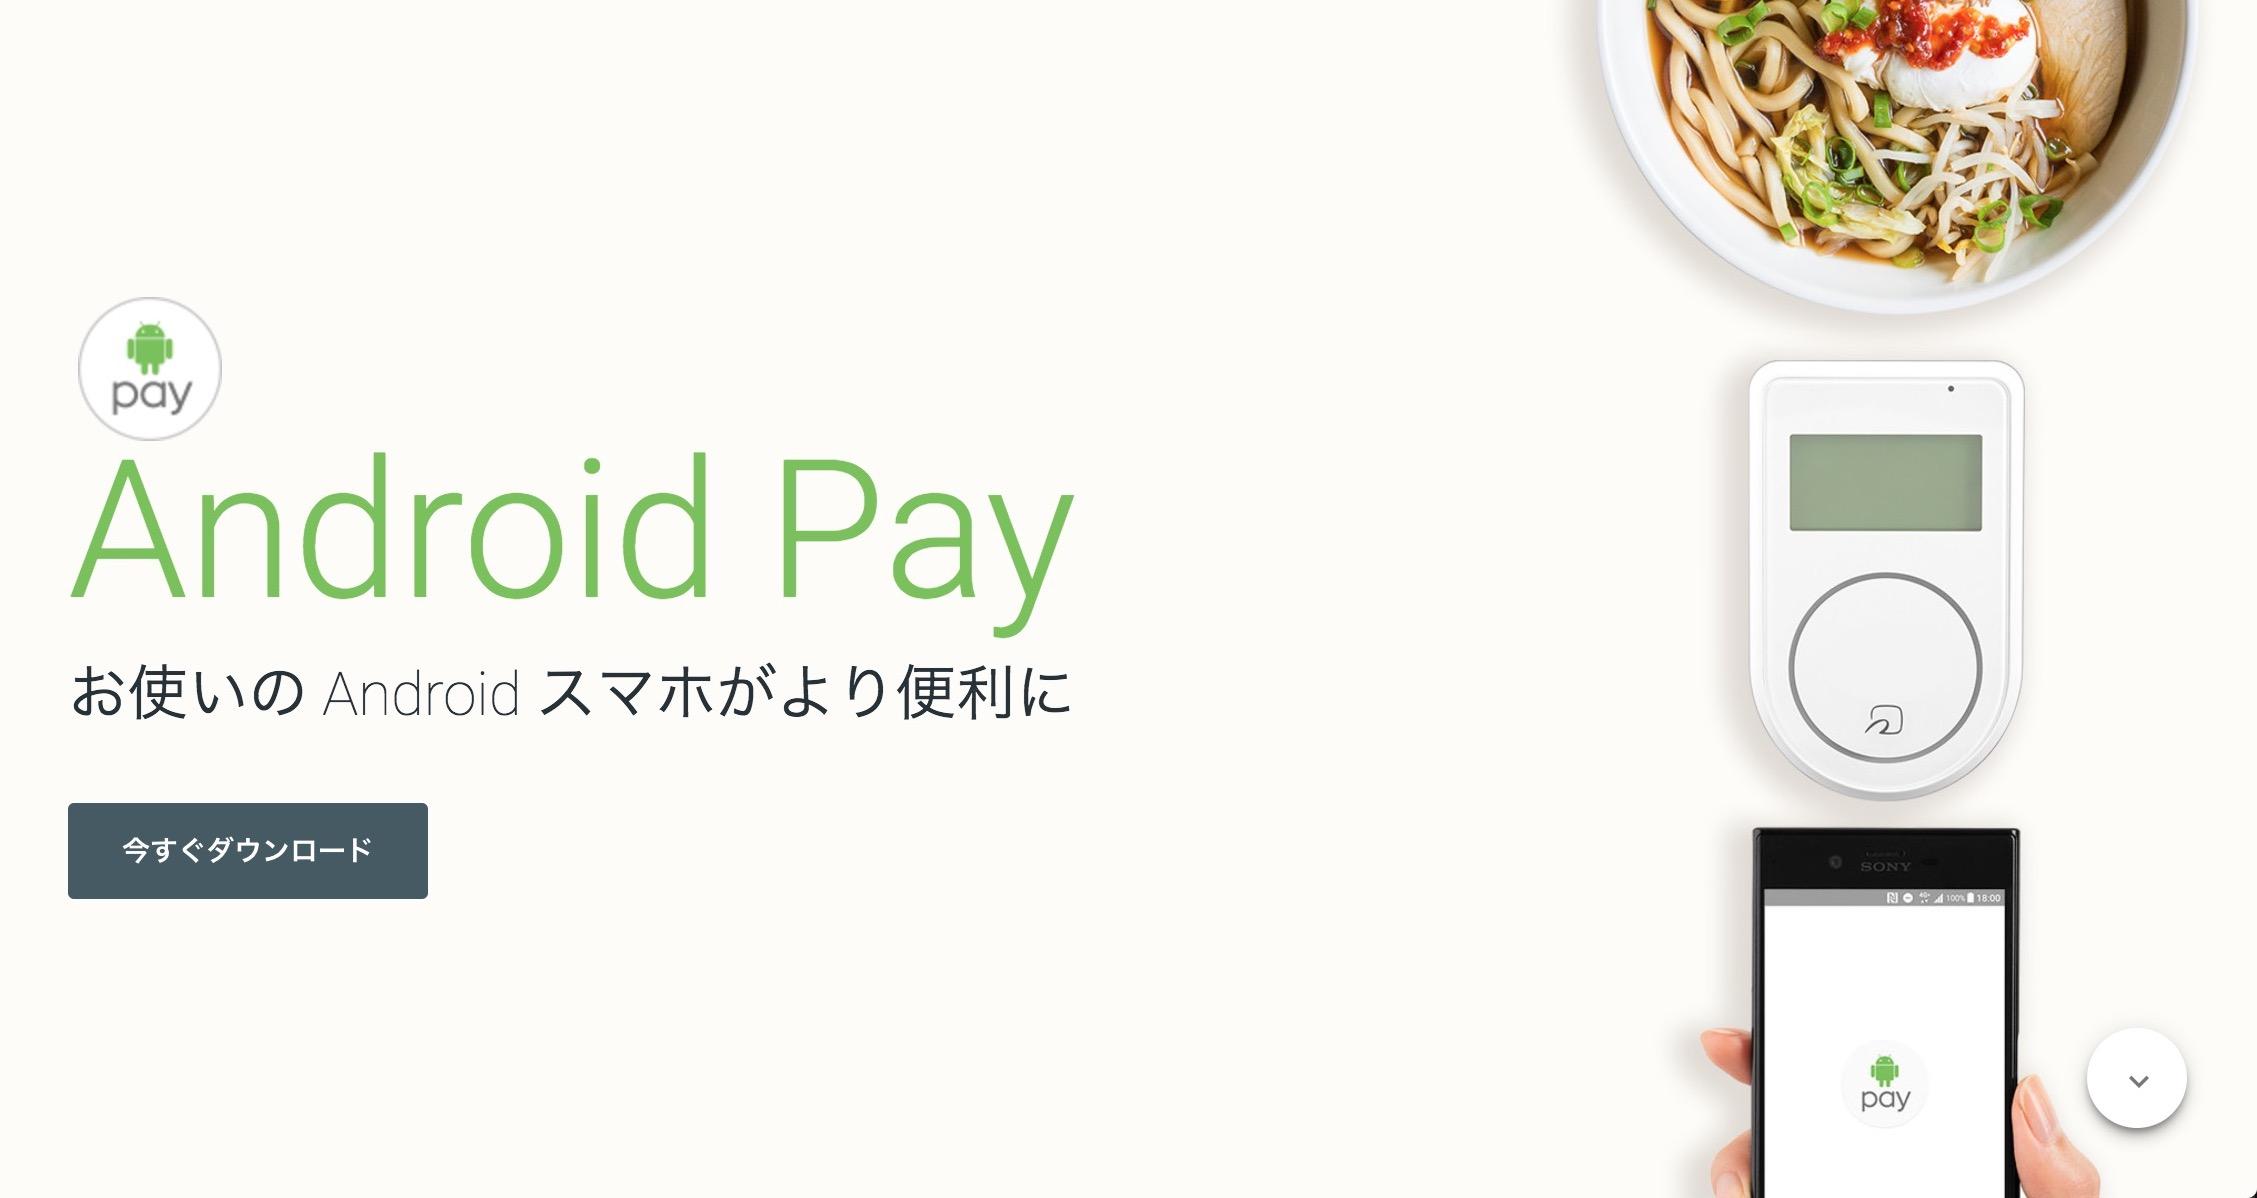 Android Payが日本でサービス開始〜まずは楽天Edyから